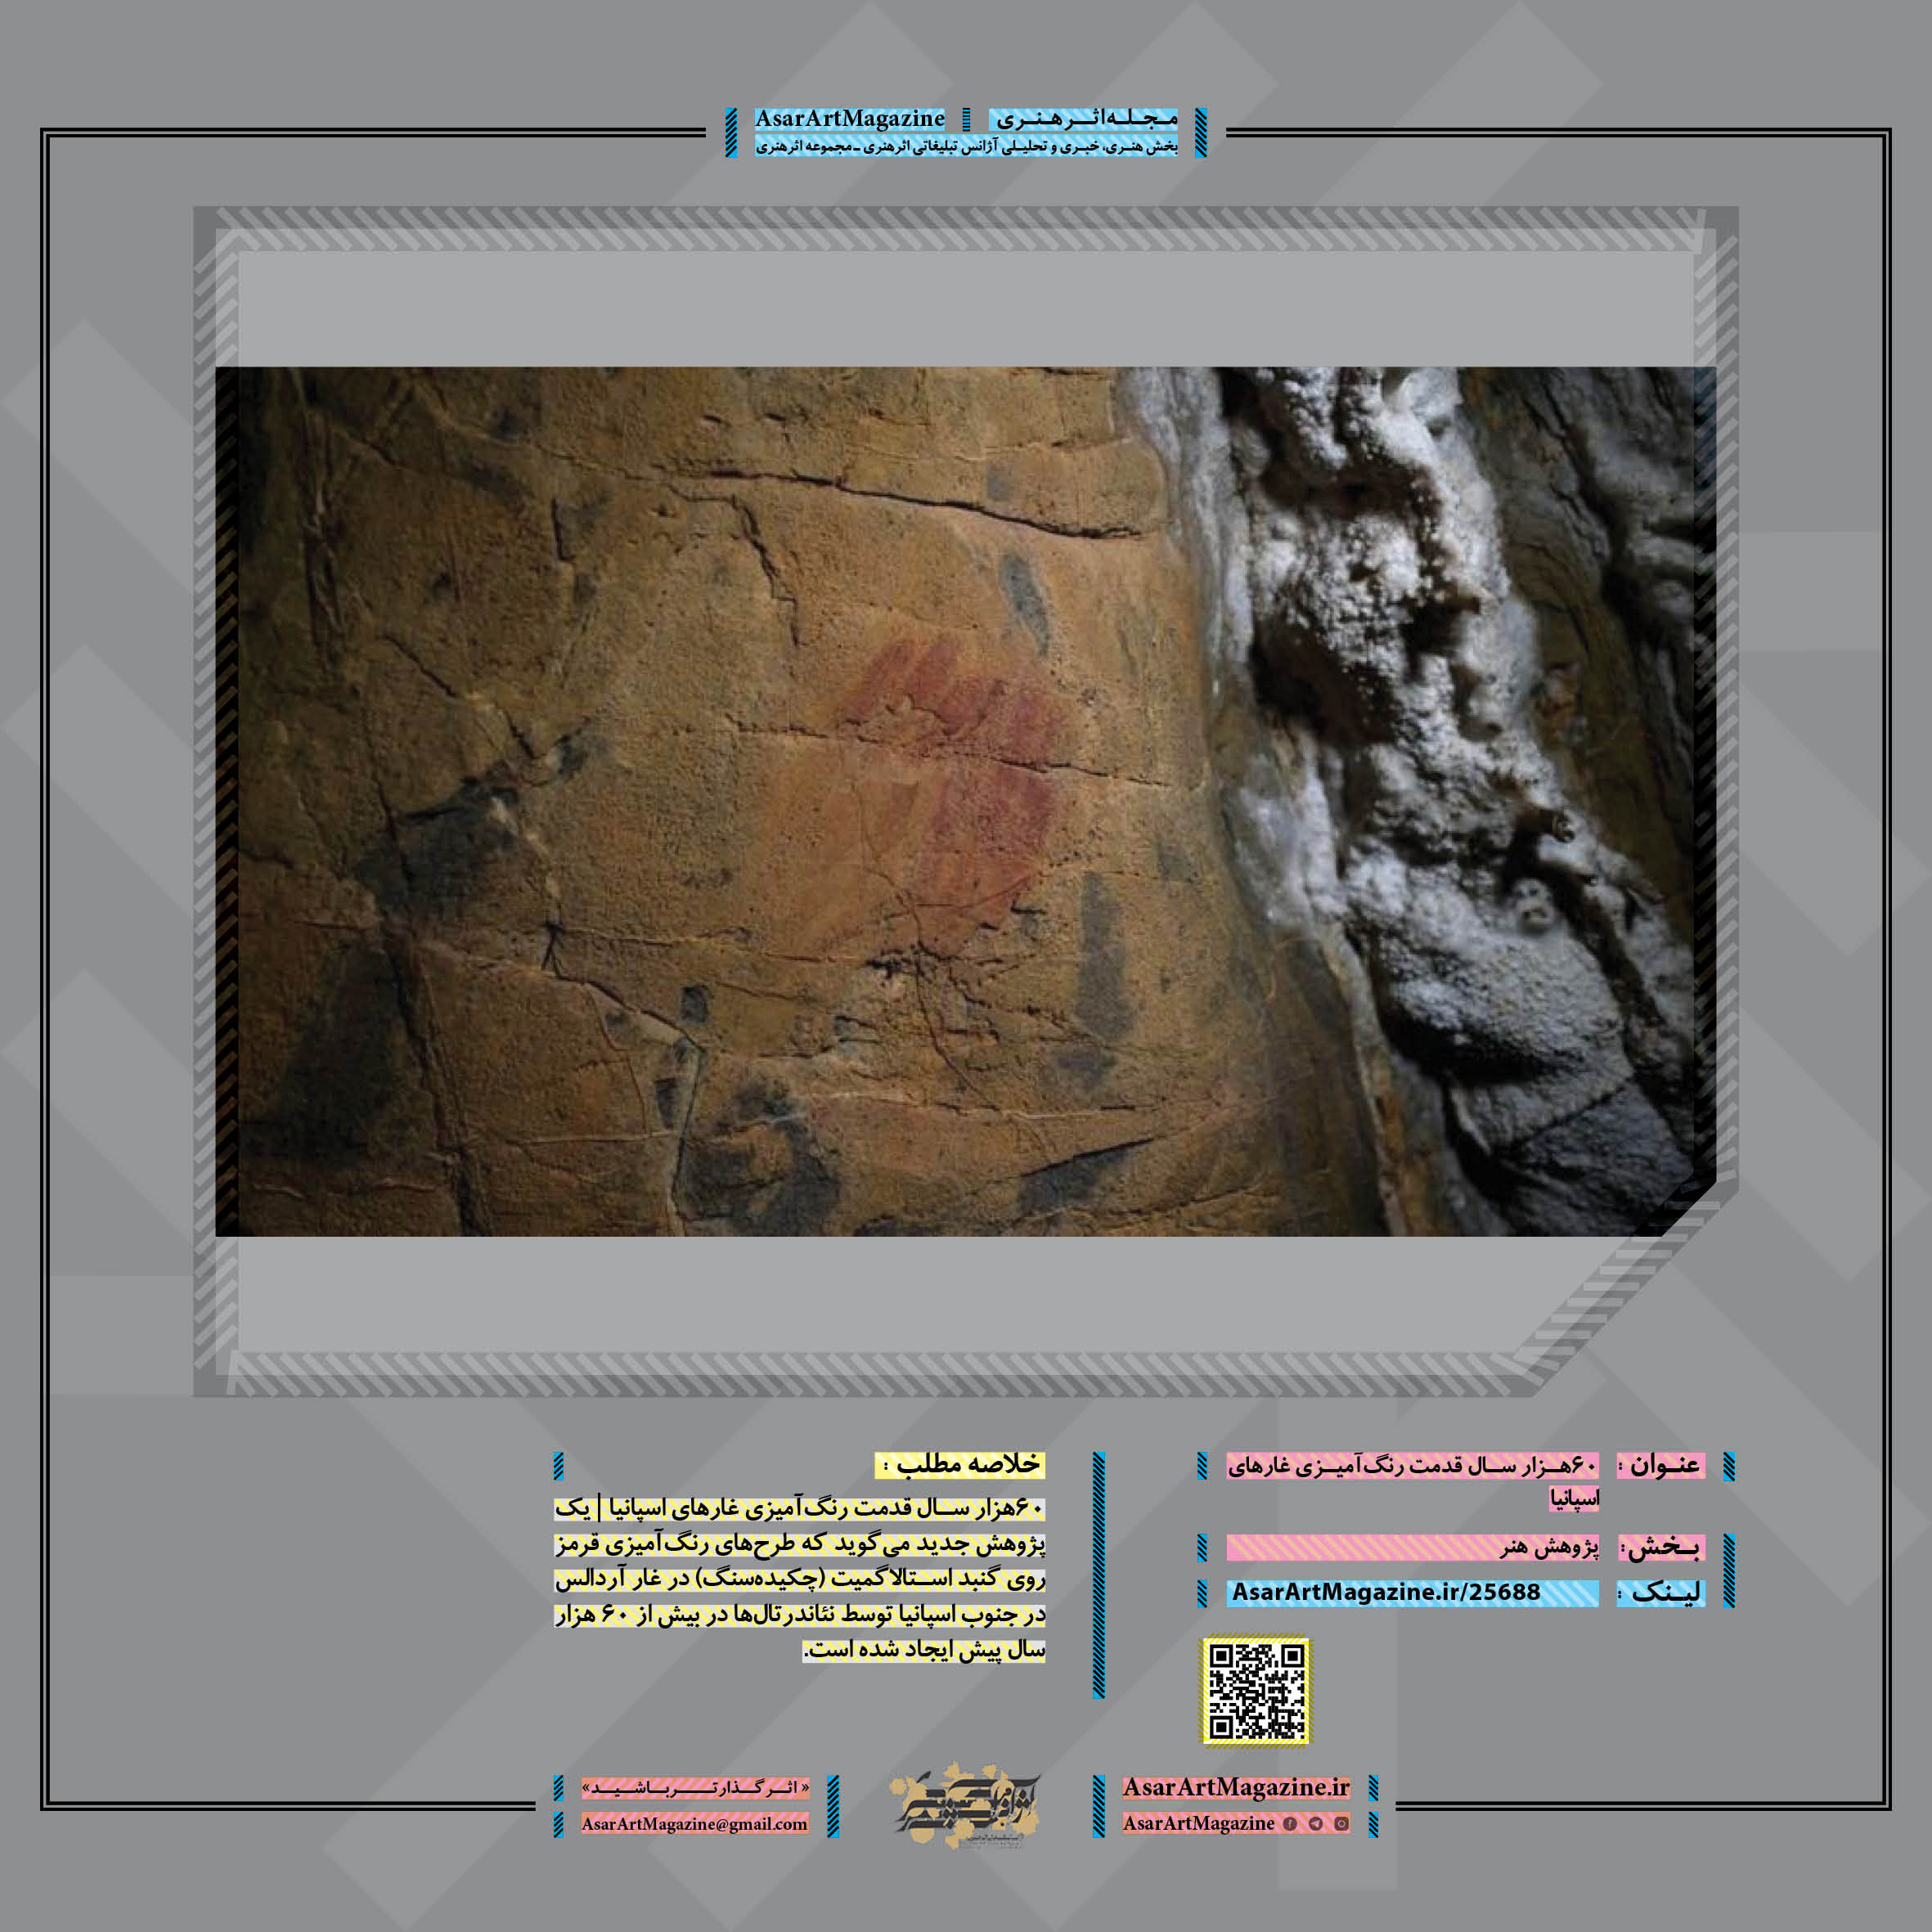 60هزار سال قدمت رنگآمیزی غارهای اسپانیا  |  مجله اثرهنری، بخش هنری، خبری و تحلیلی مجموعه اثرهنری | مجله اثر هنری  ـ «اثرگذارتر باشید»